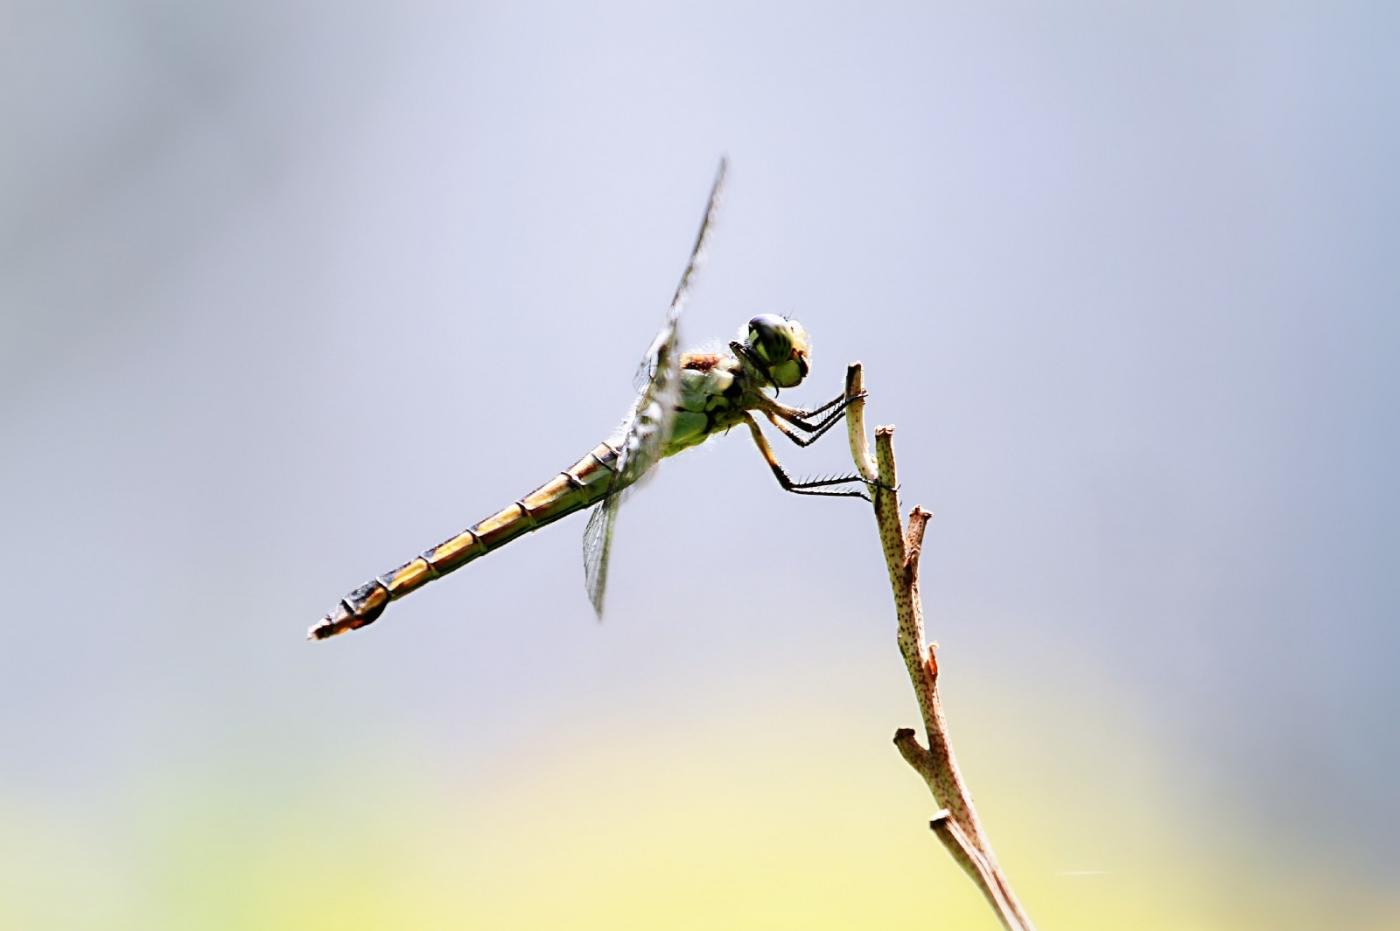 【田螺摄影】院子里的蜻蜓_图1-7